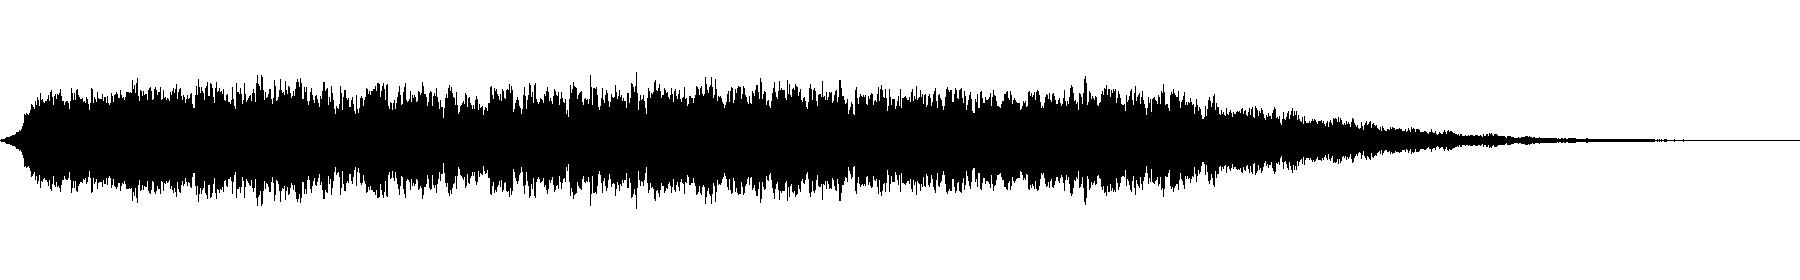 vfx1 atmos 18